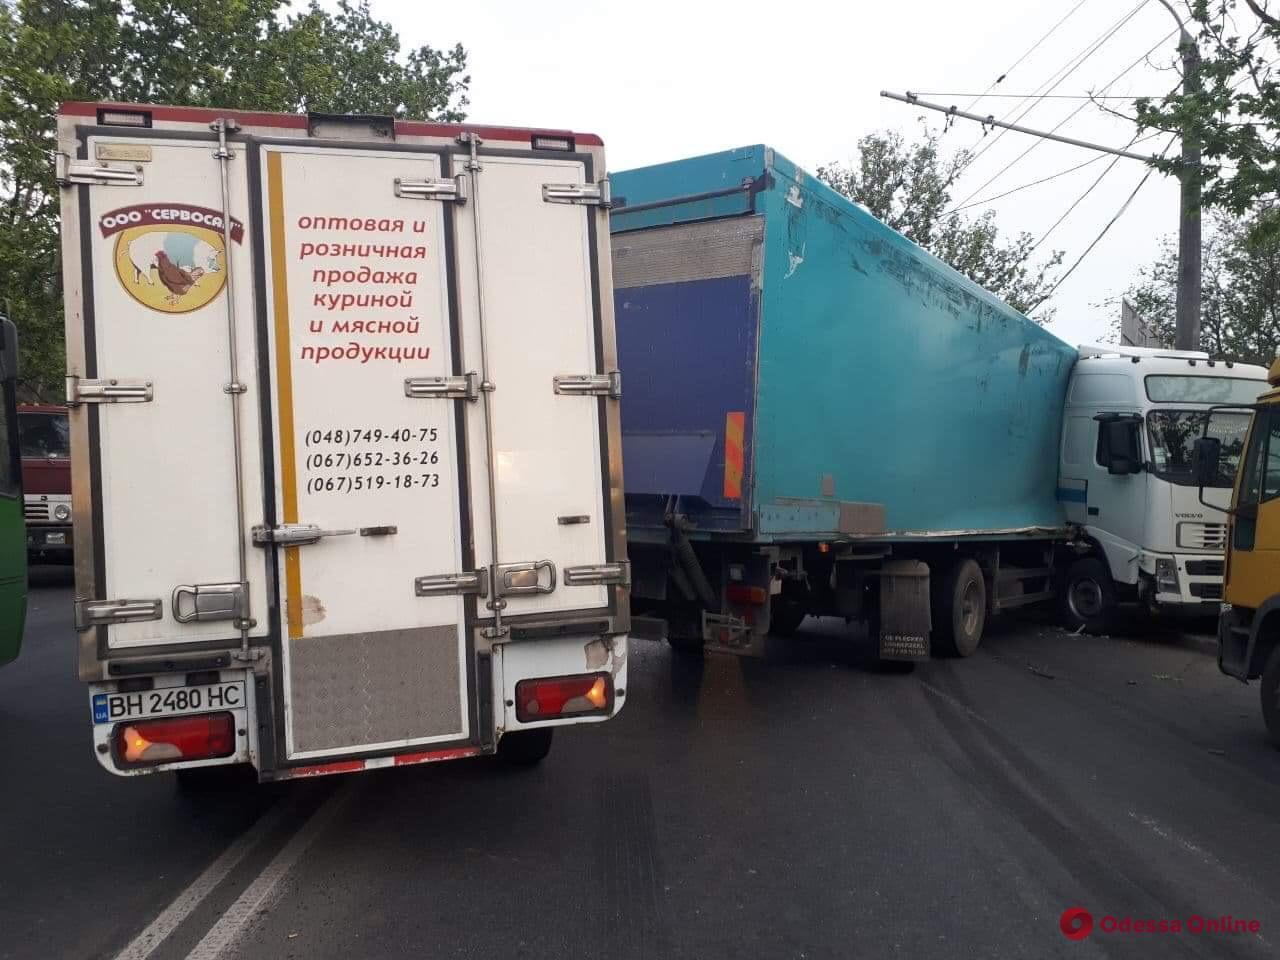 Одесса: на Грушевского фура врезалась в столб